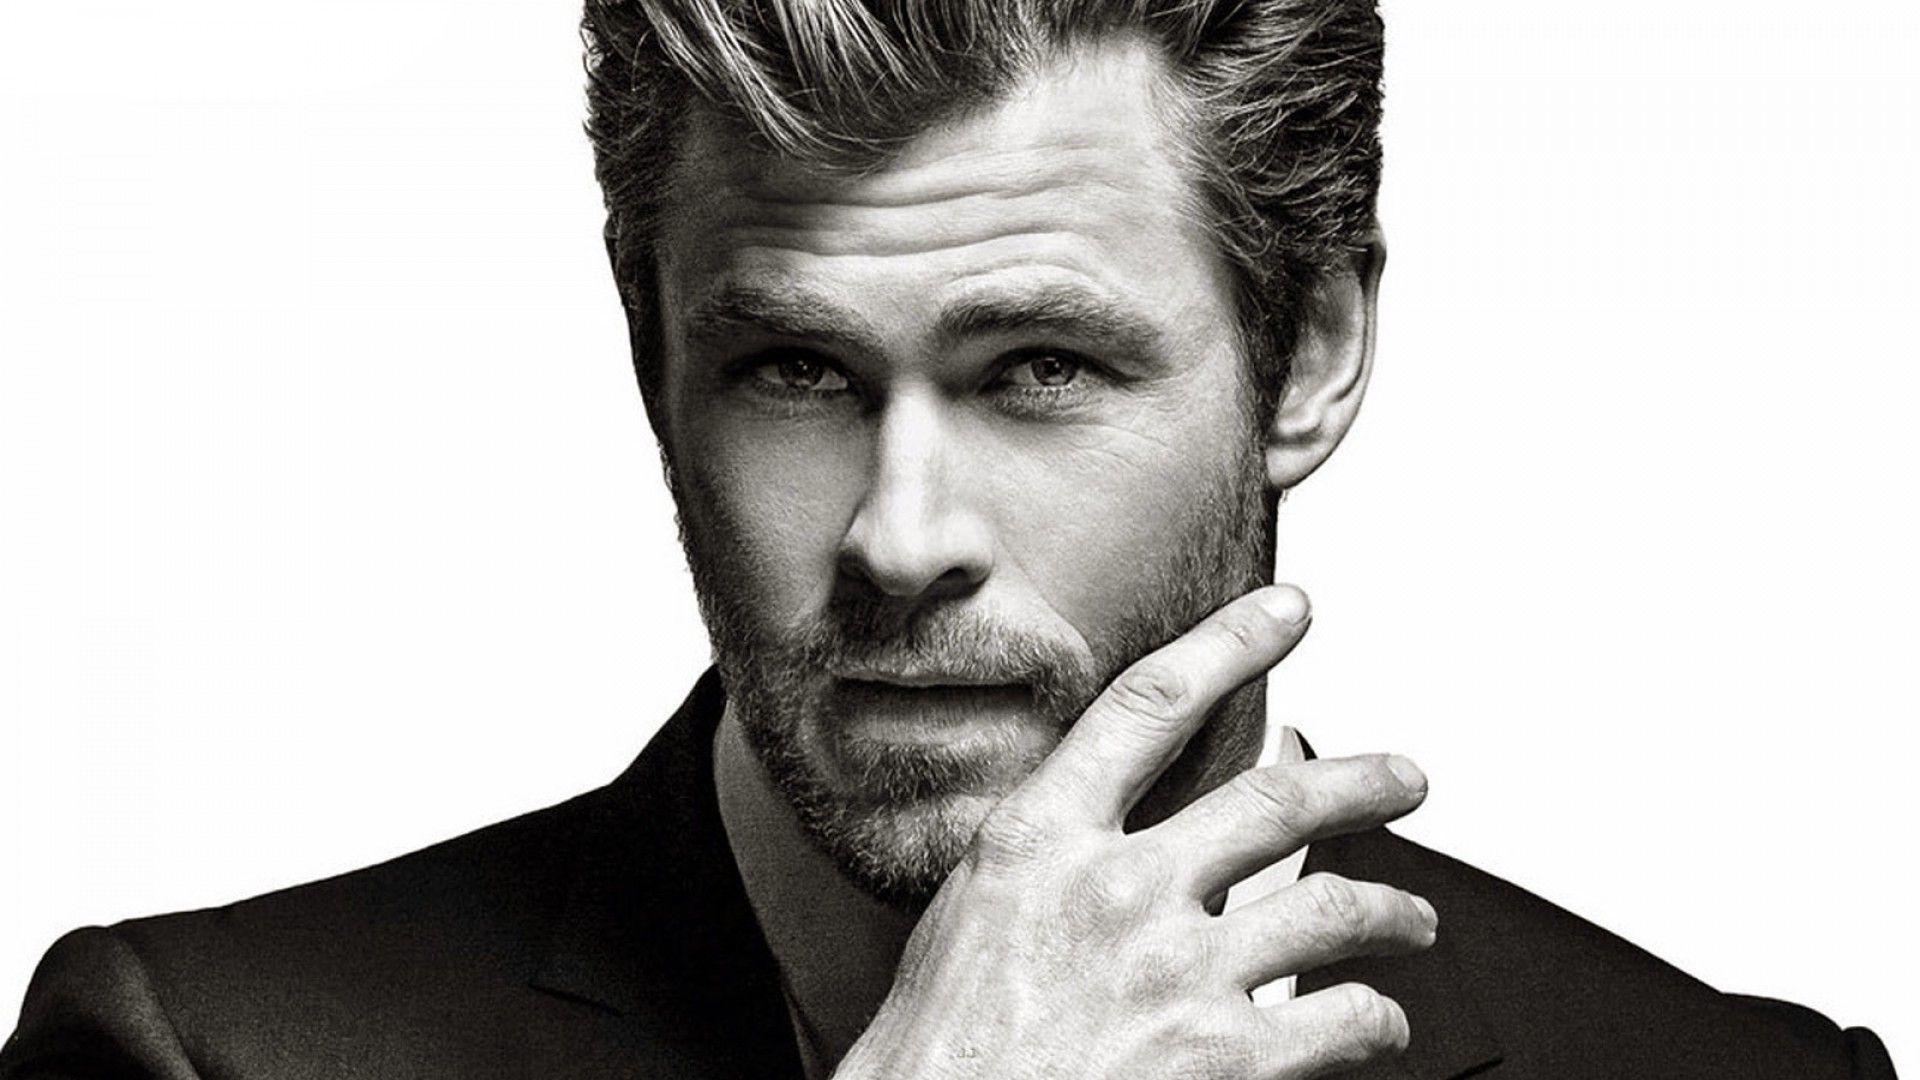 Chris Hemsworth Wallpapers   Top Chris Hemsworth Backgrounds 1920x1080